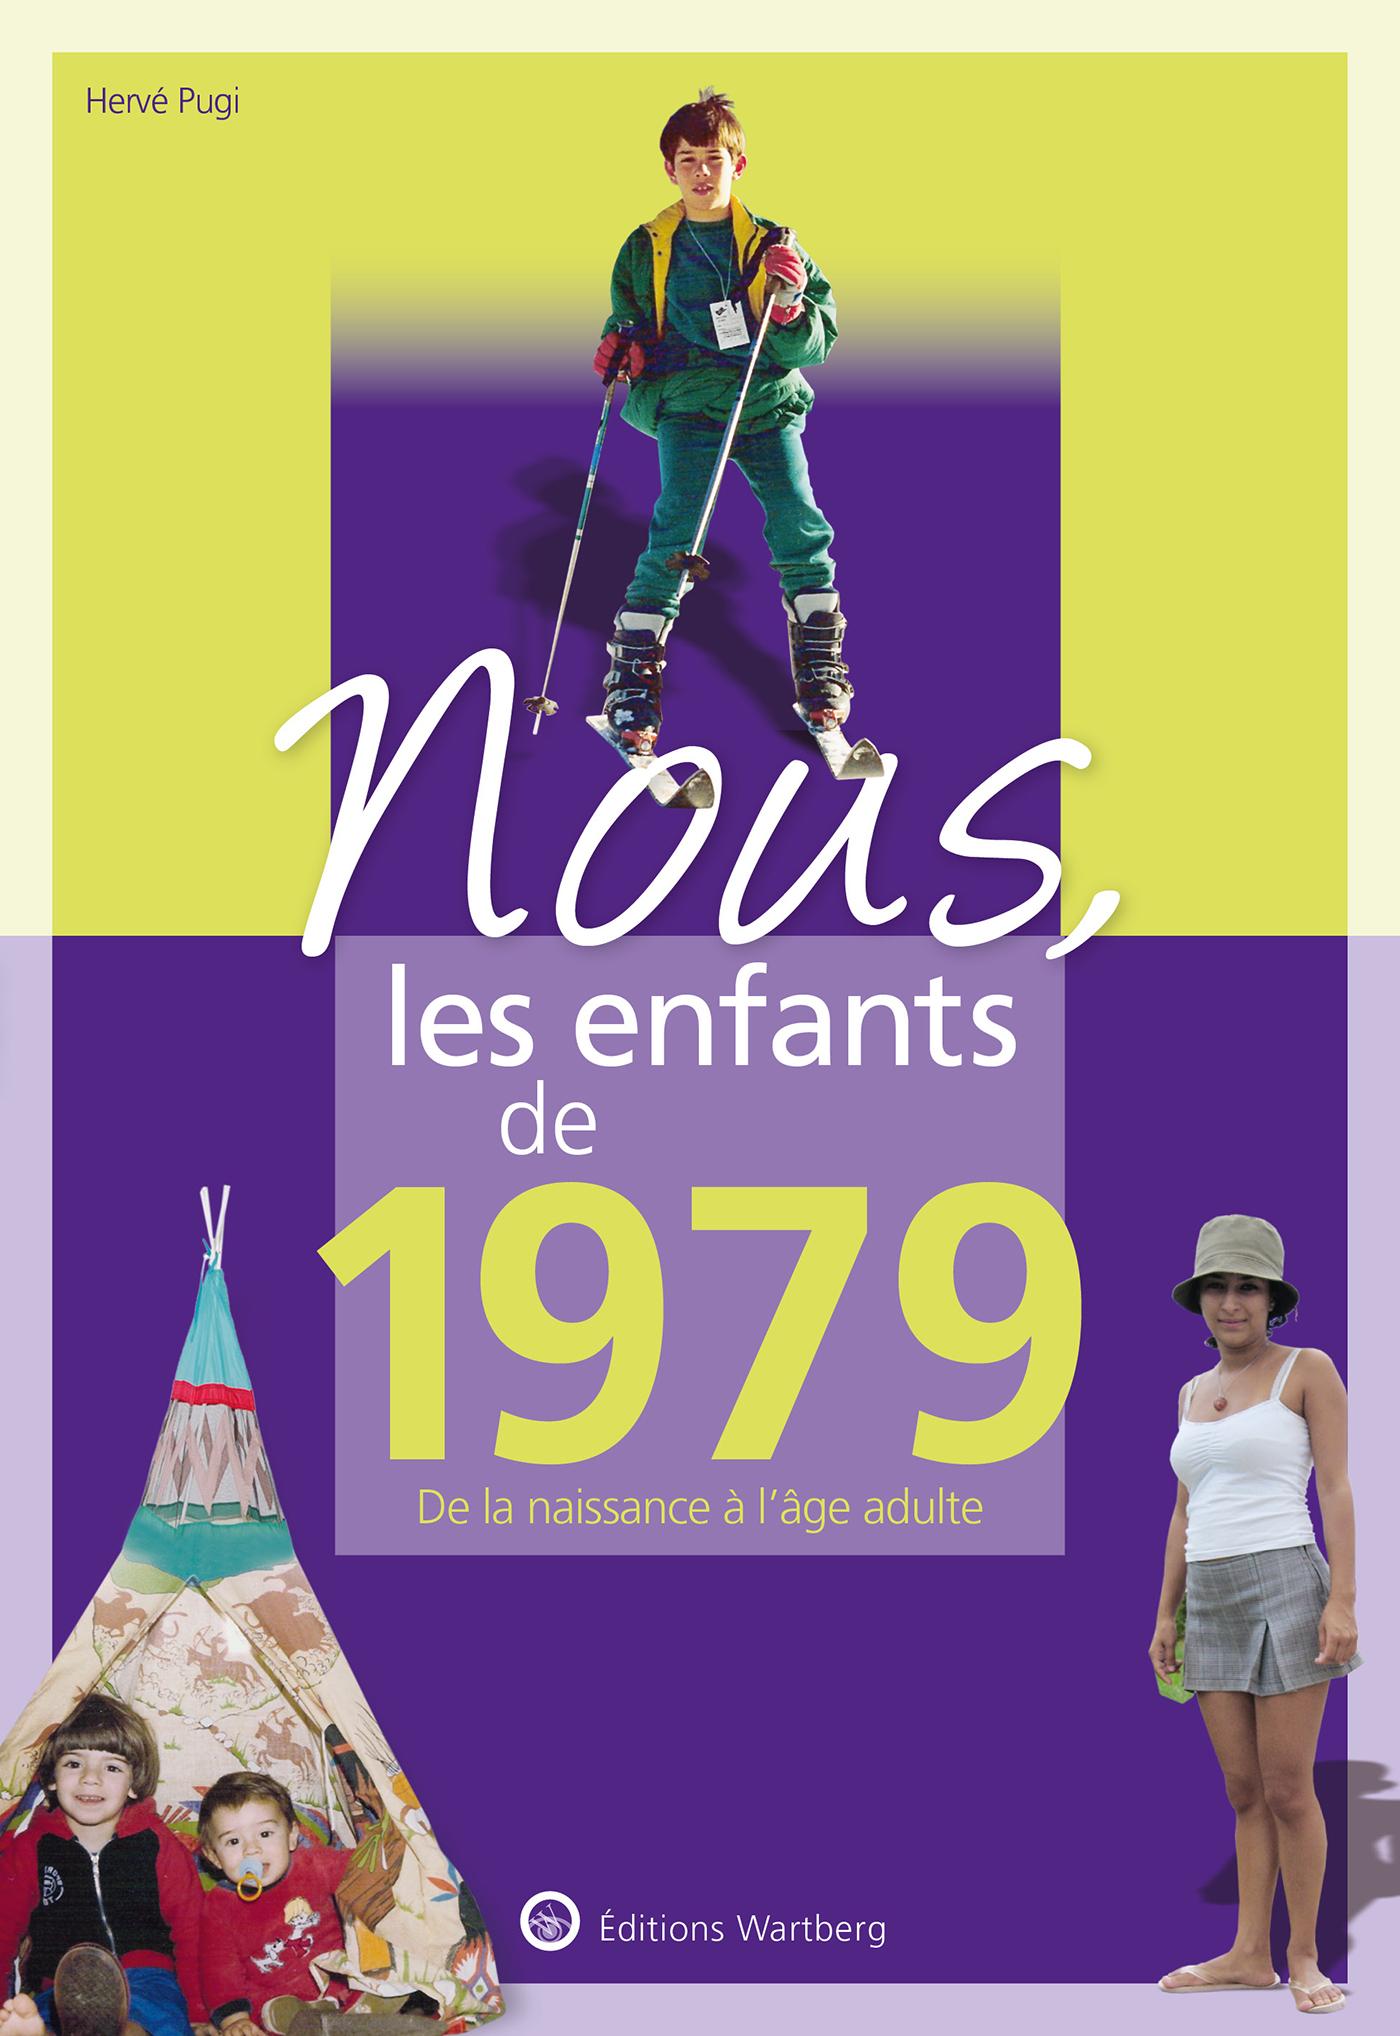 NOUS, LES ENFANTS DE 1979 - DE LA NAISSANCE A L'AGE ADULTE